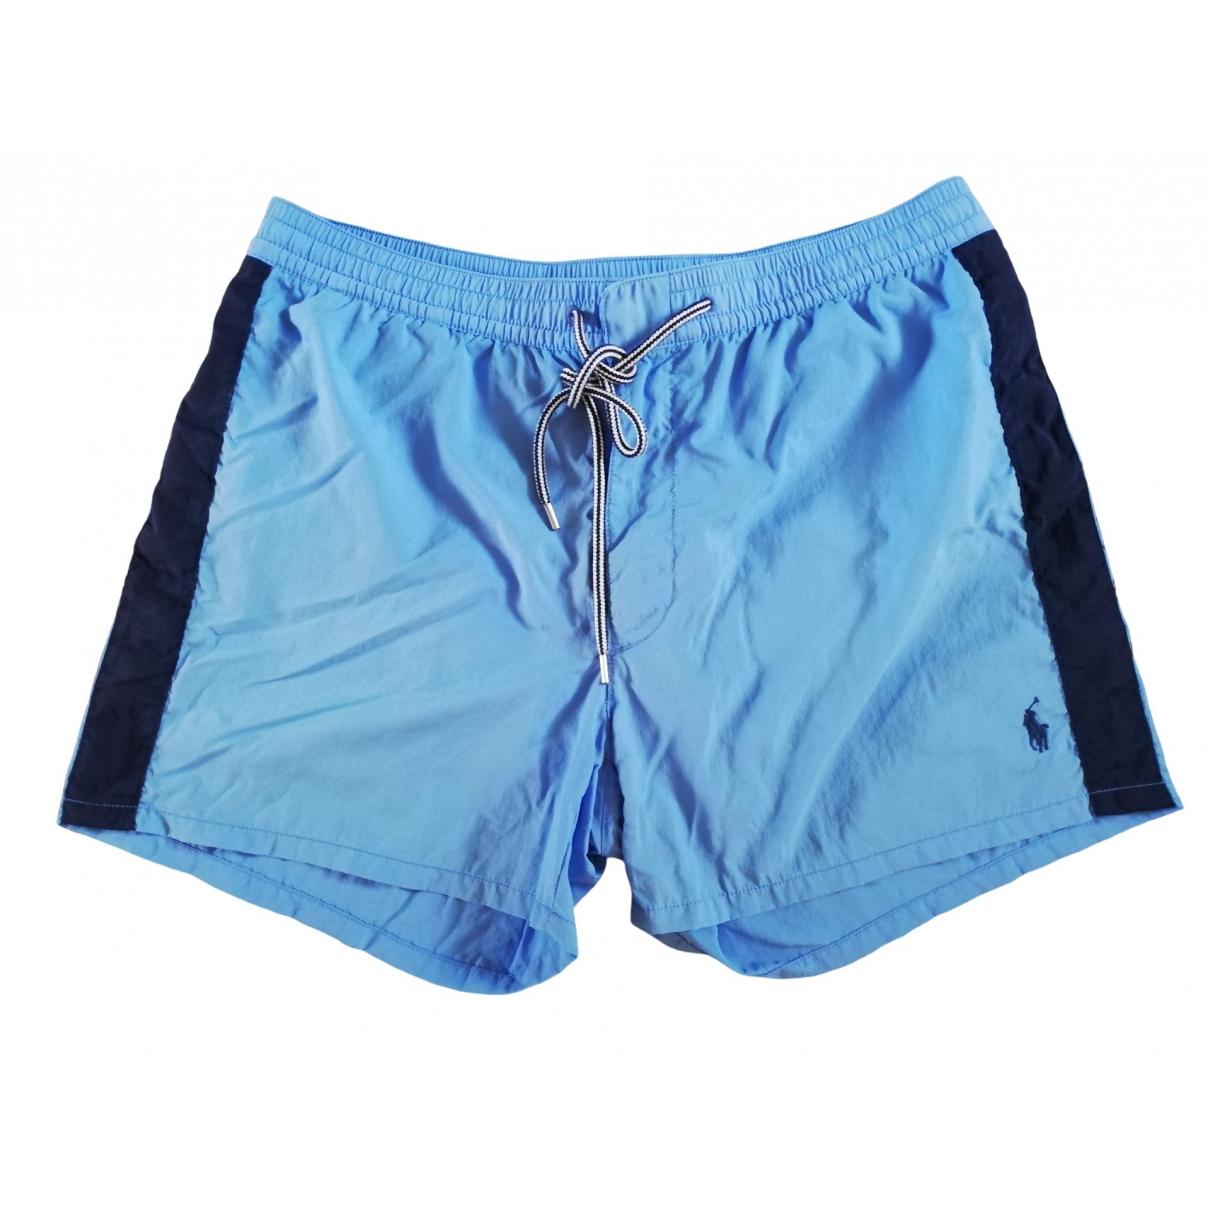 Polo Ralph Lauren \N Blue Swimwear for Men M International